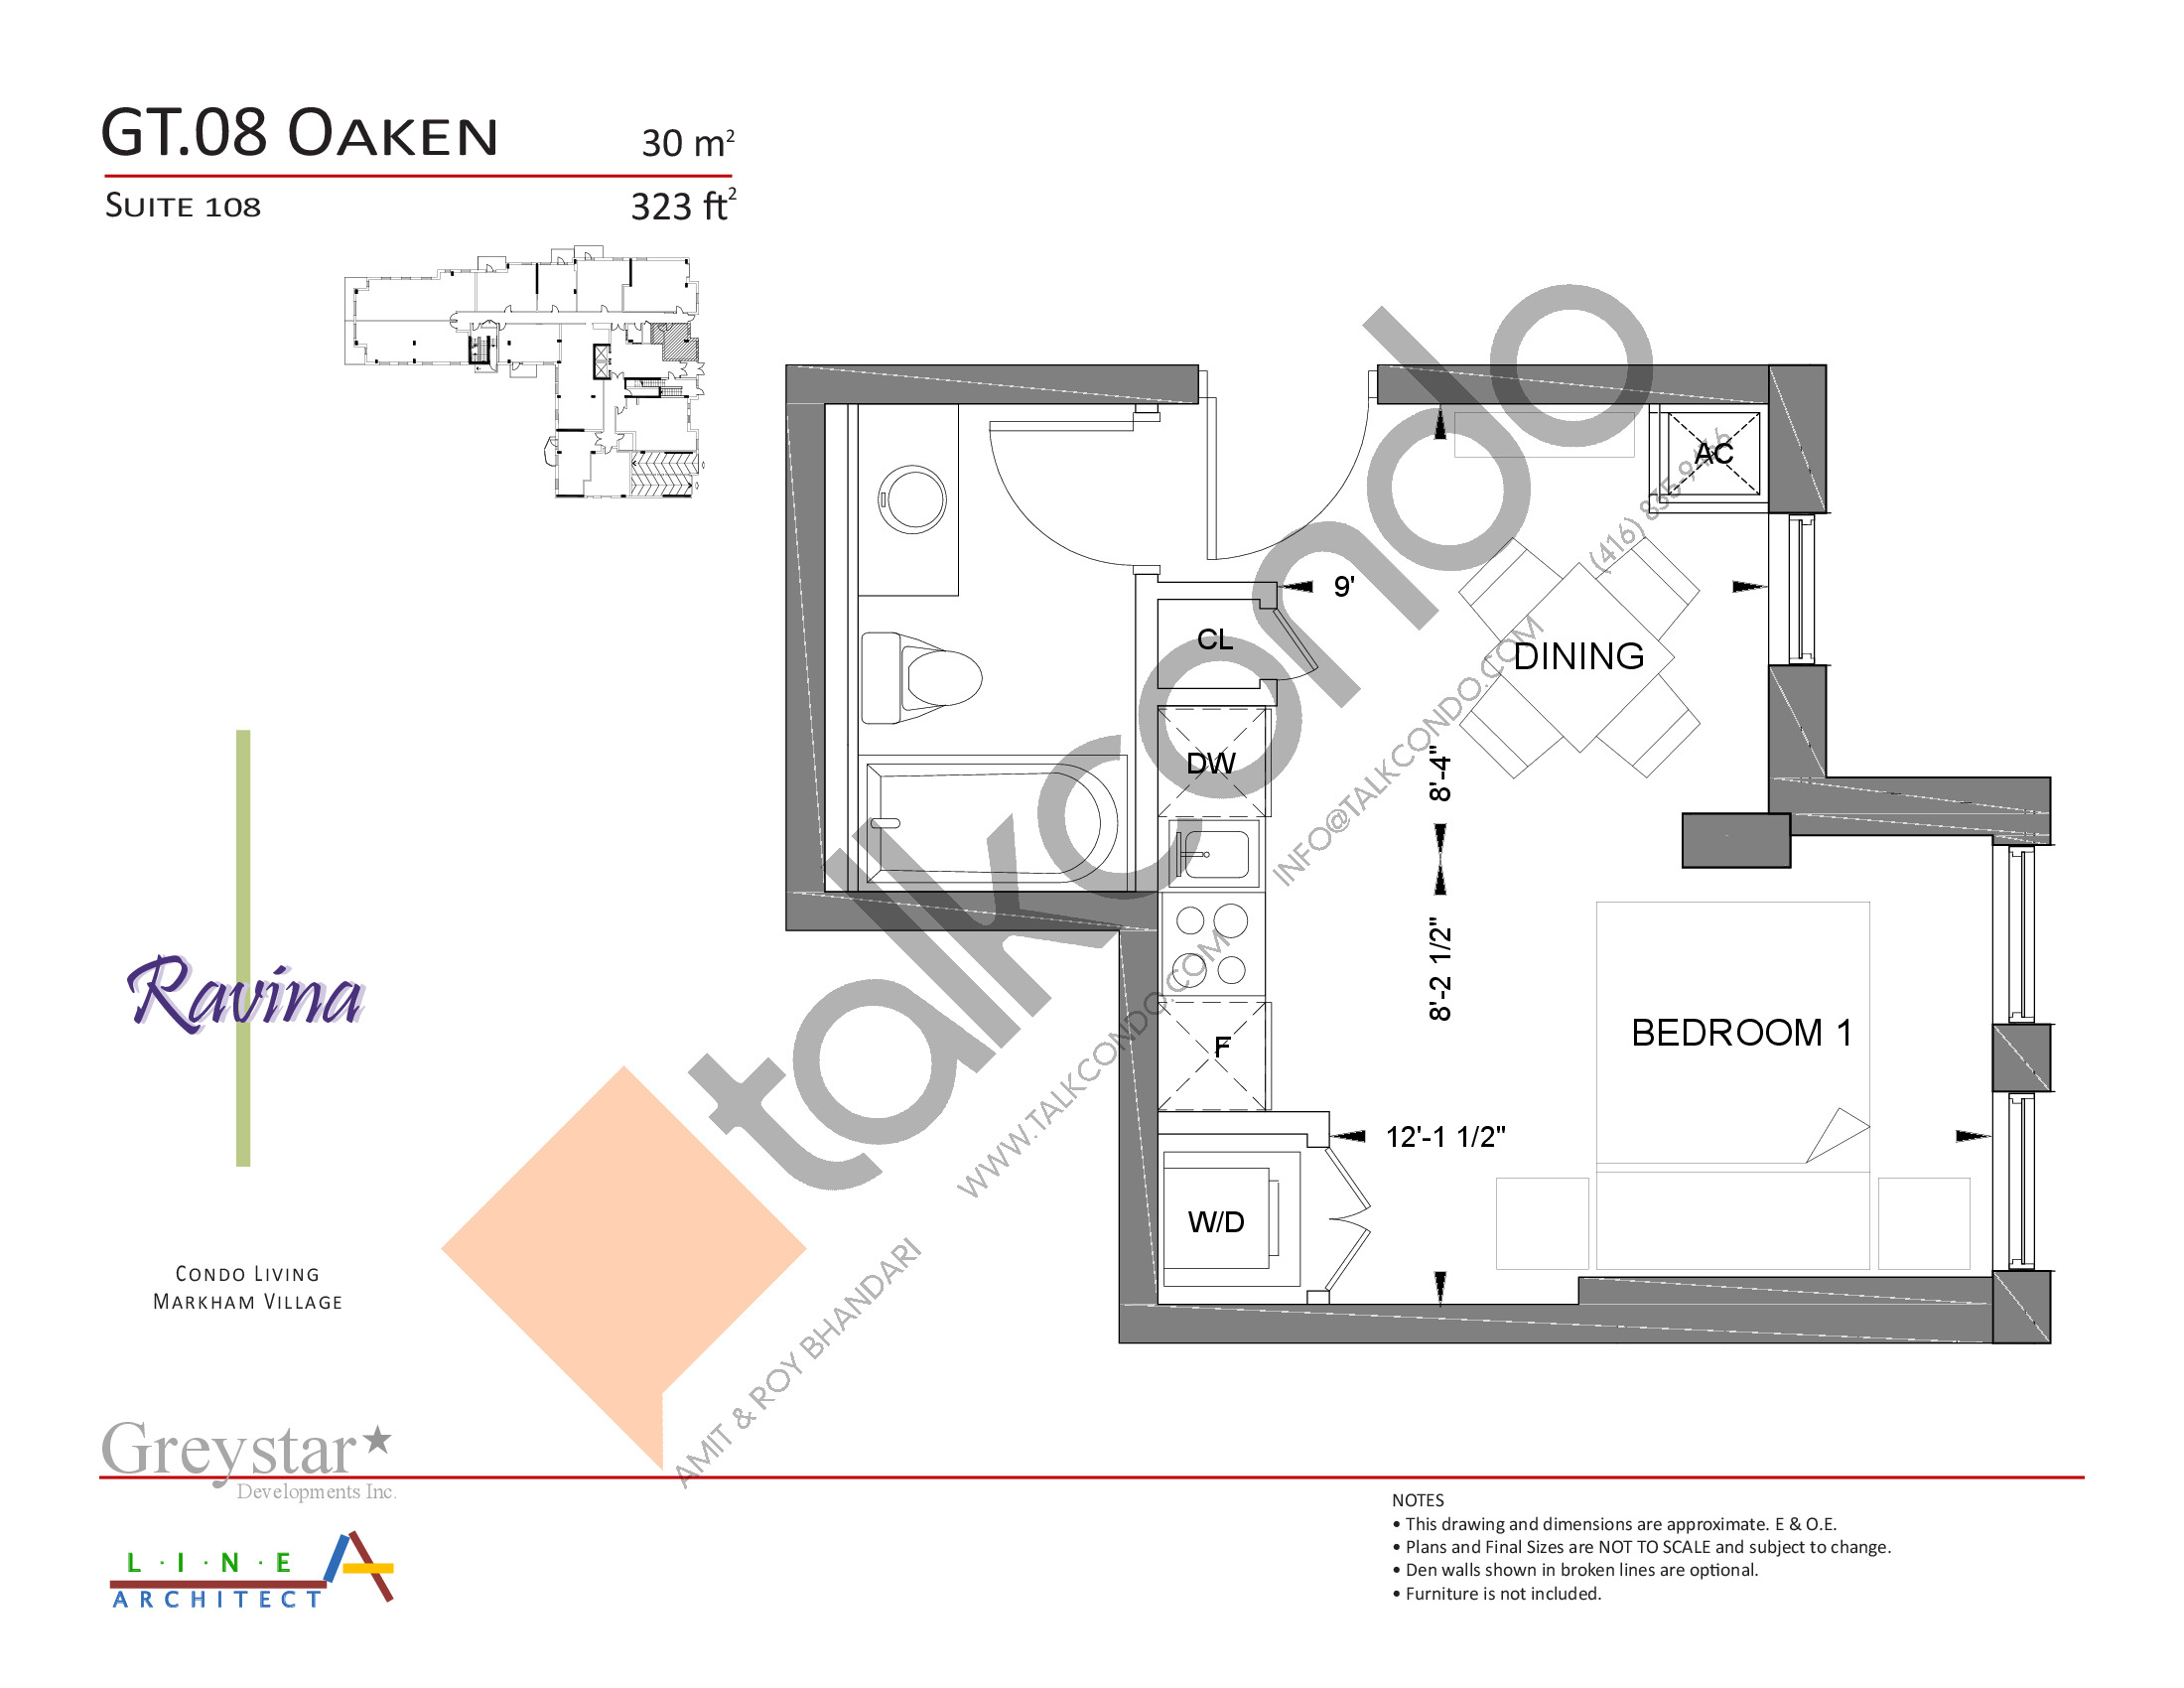 Oaken Floor Plan at Ravina Condos - 323 sq.ft